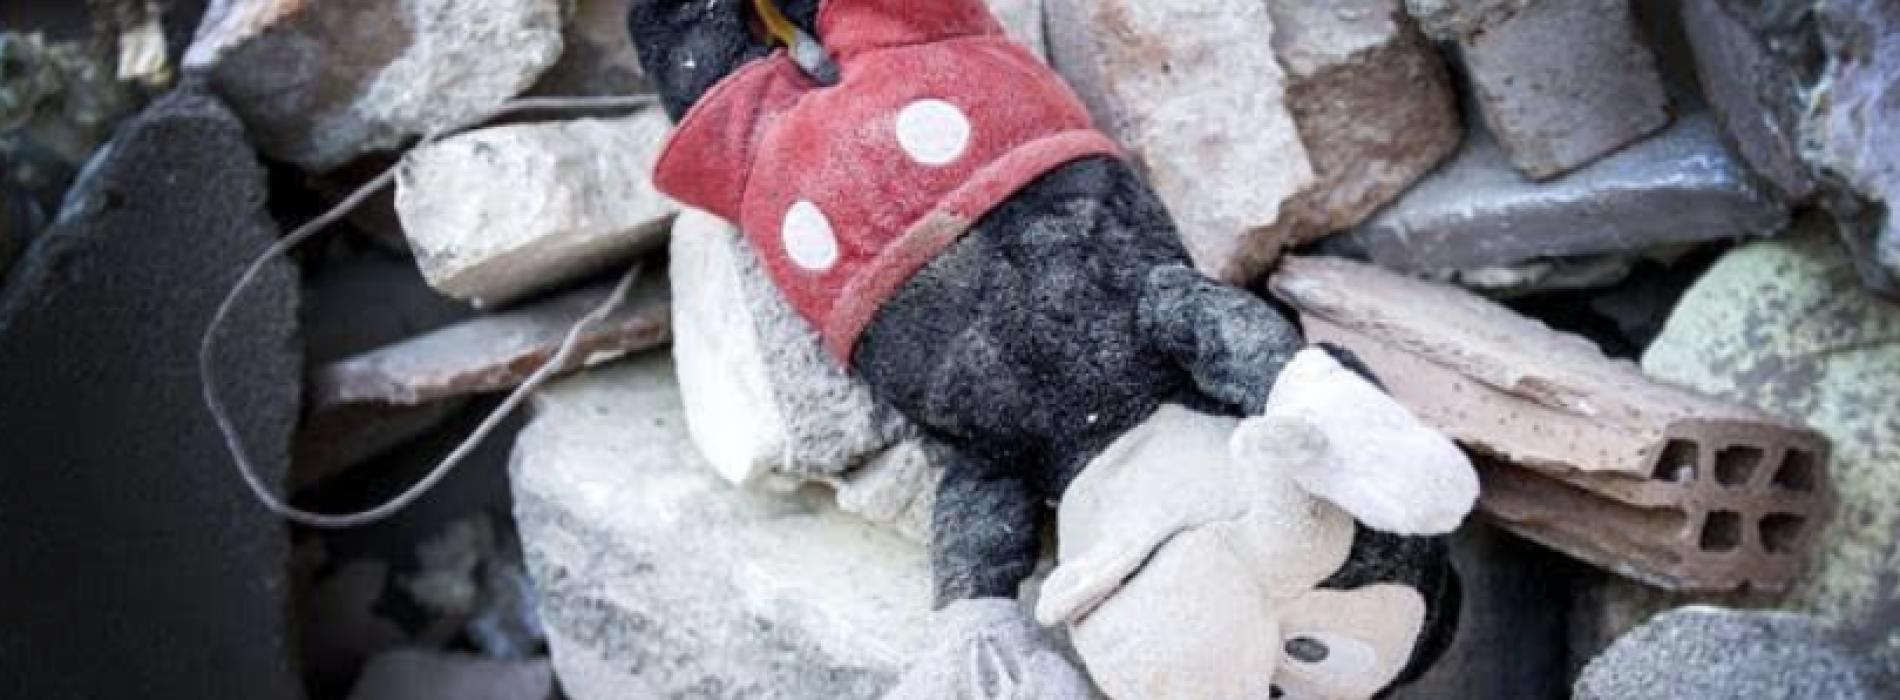 Calvi Risorta. Una giornata di solidarietà per le popolazioni terremotate